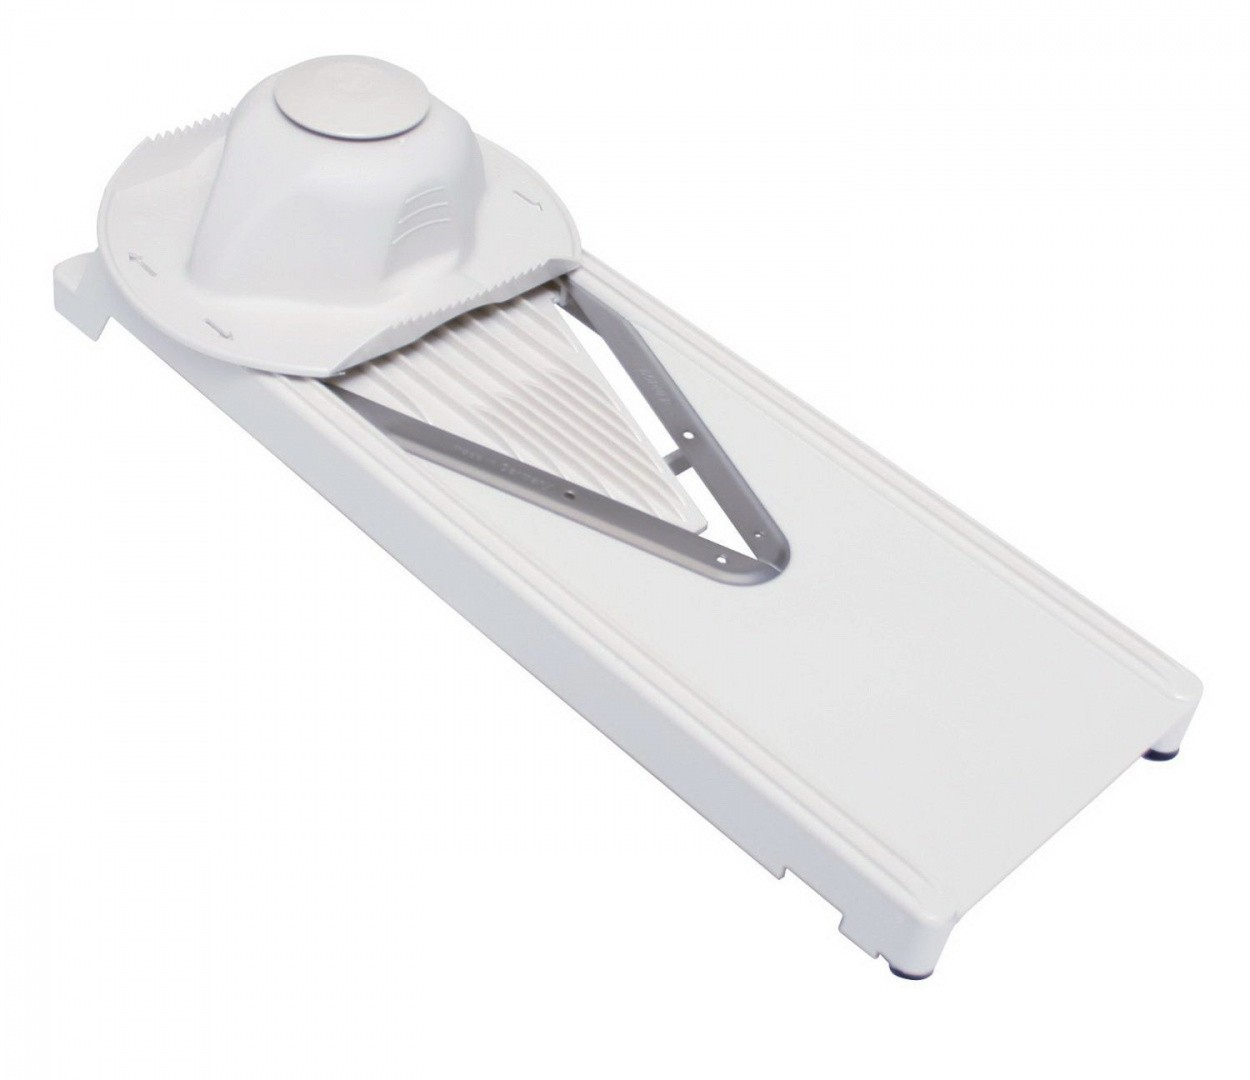 Многофункциональная терка-овощерезка V-Slicer Plus